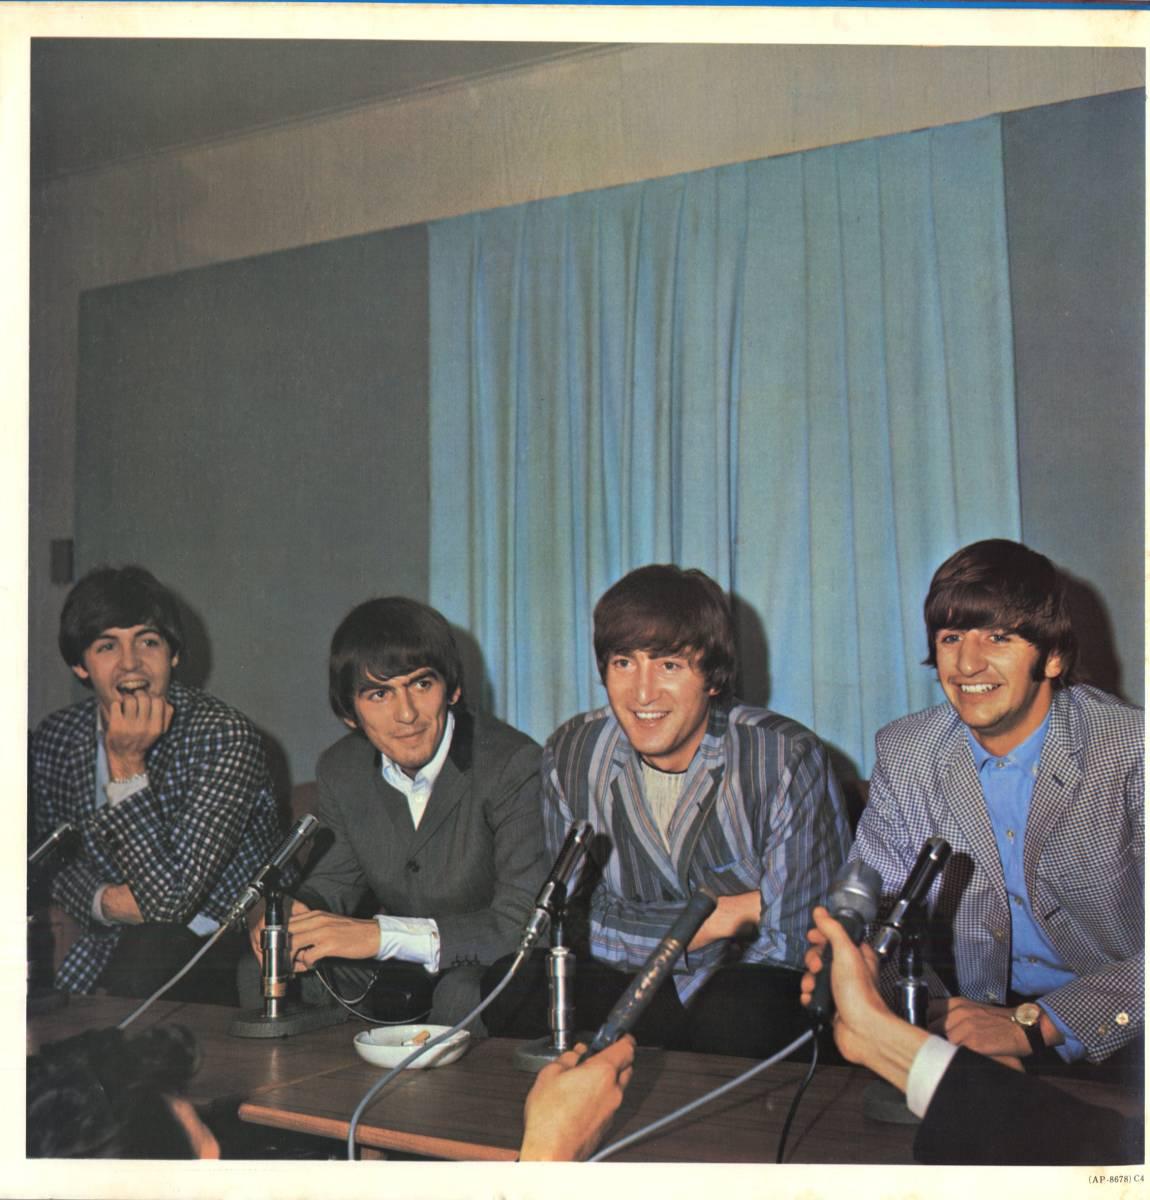 Beatles 「With The Beatles」国内盤アップルレーベル ダブルジャケット盤LPレコード  (AP-8678)_画像7